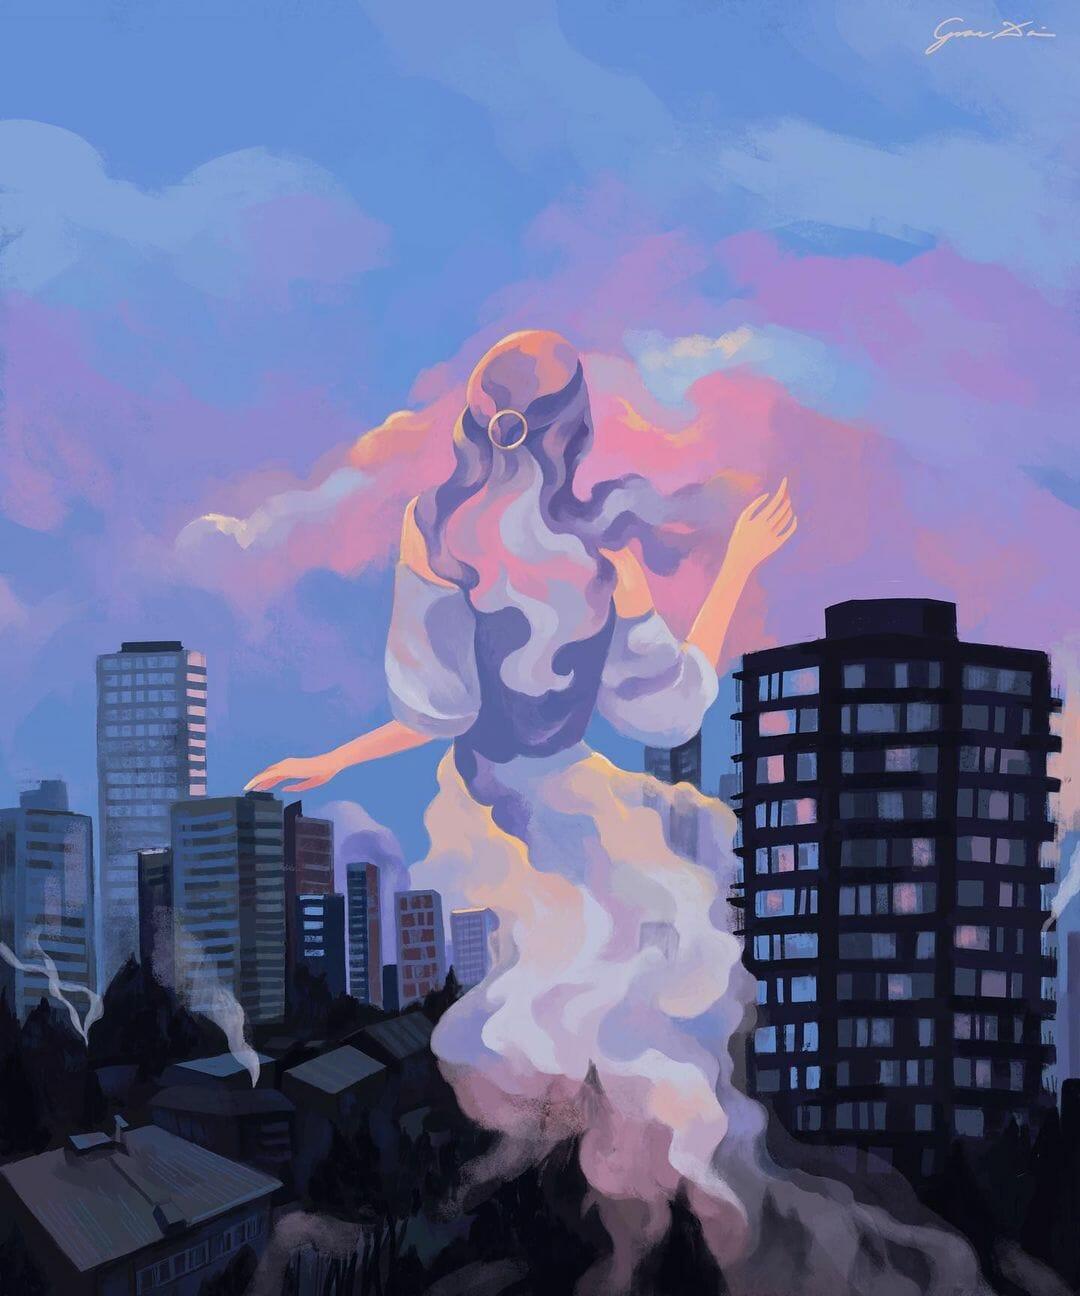 Jeune femme au milieu d'immeubles qu'elle dépasse, sa robe et ses cheveux se confondent avec les nuages